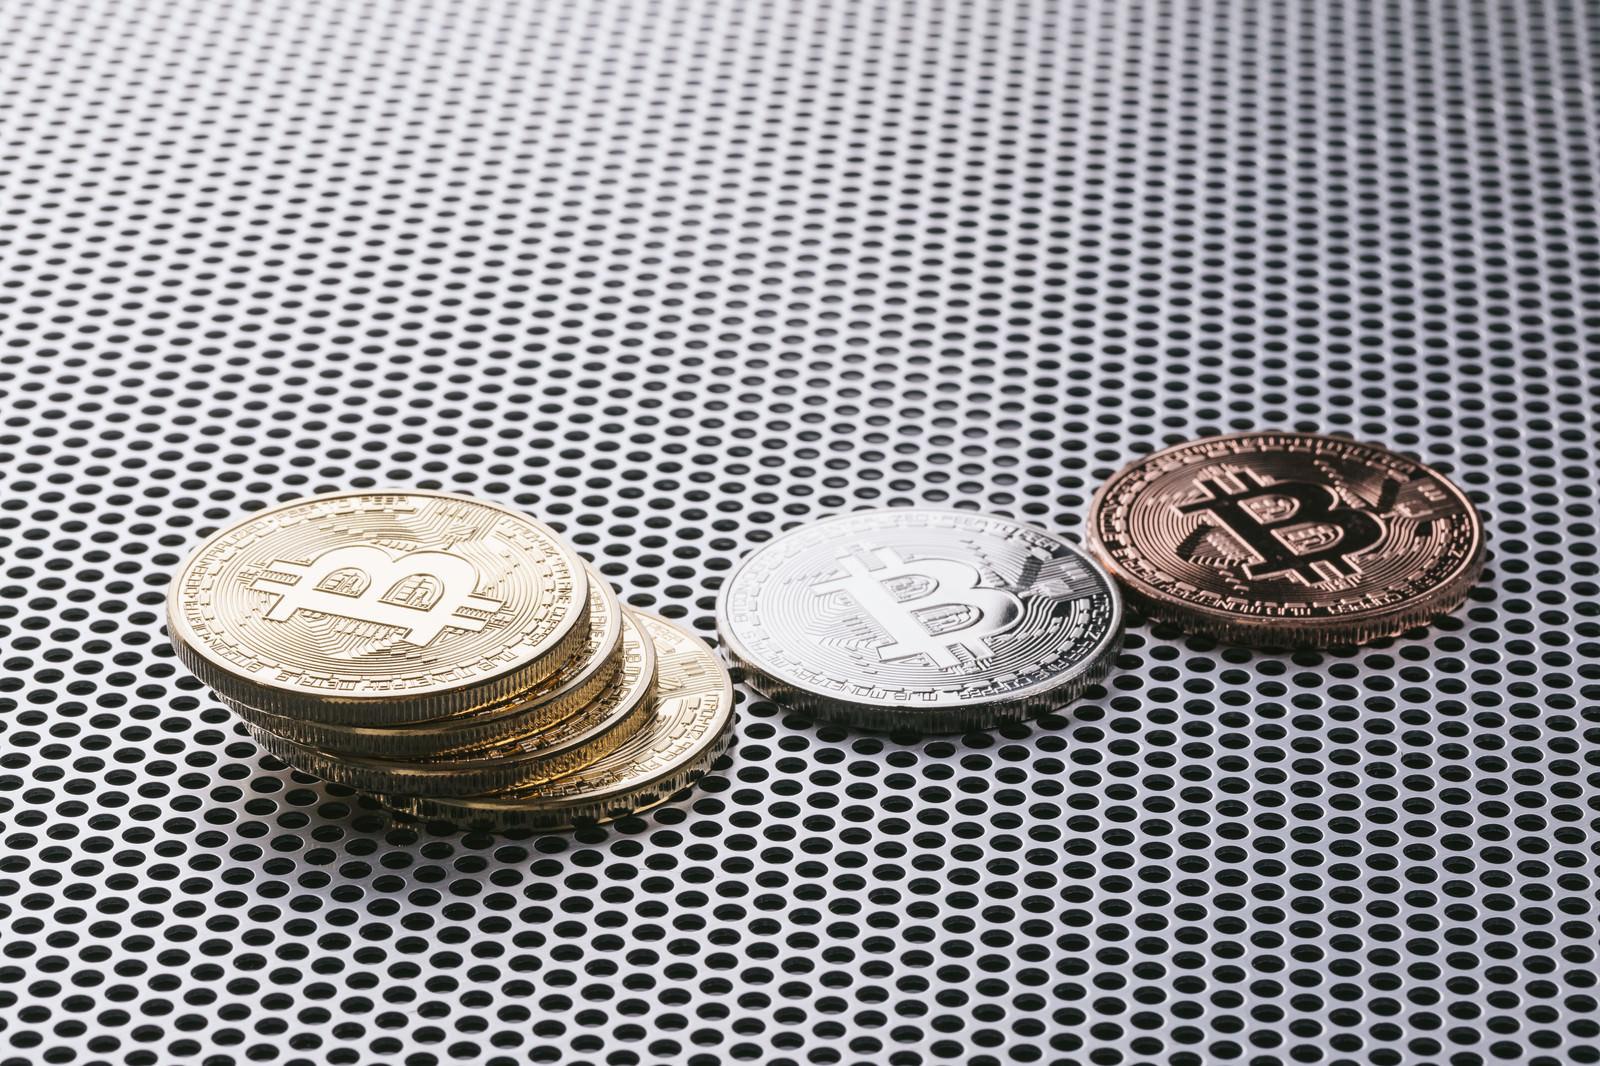 「ビットコインの世界」の写真